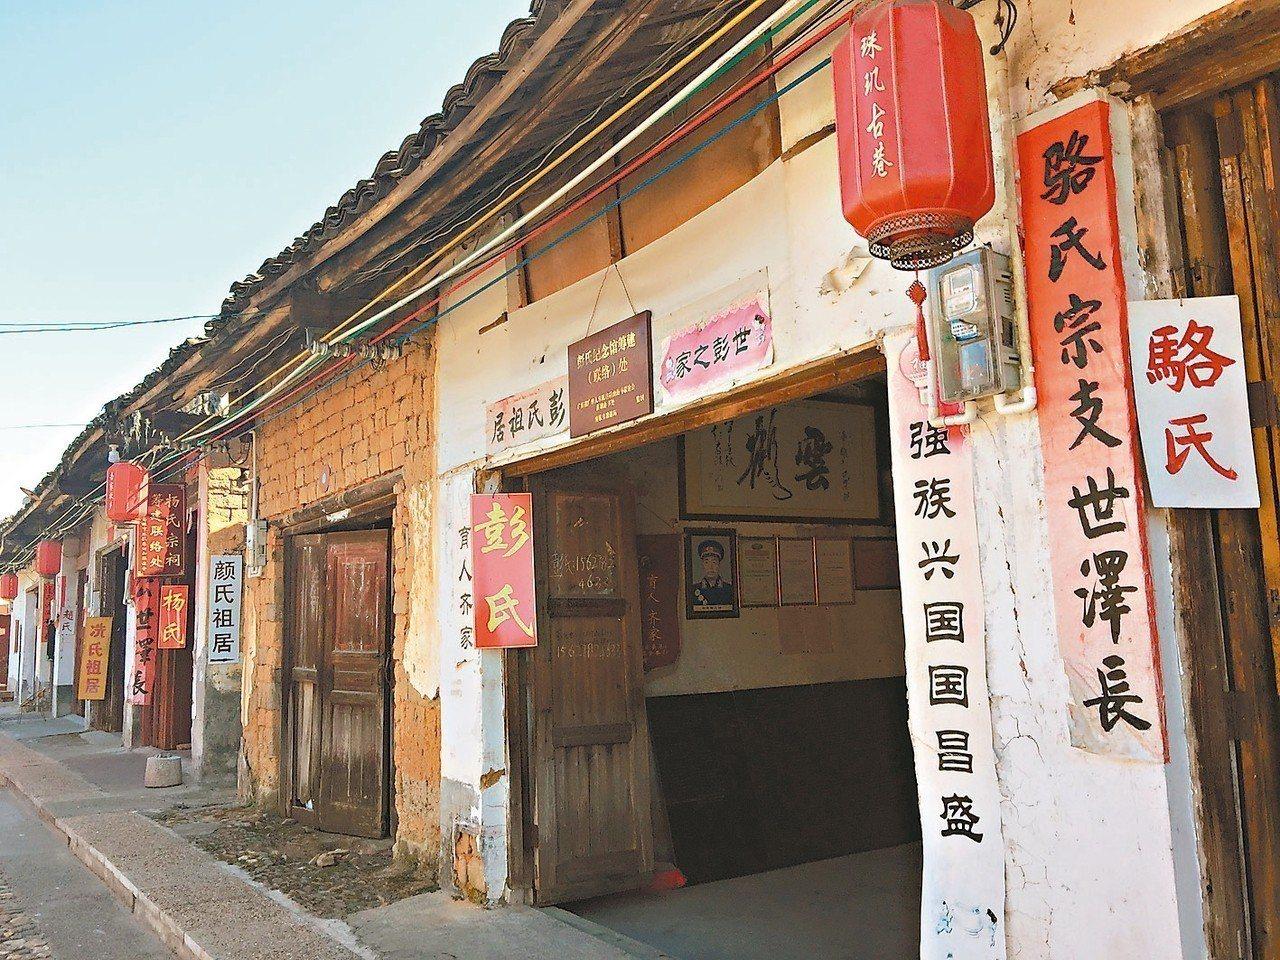 珠璣巷每一間民居門前,掛著姓氏祖居。記者汪莉絹/攝影